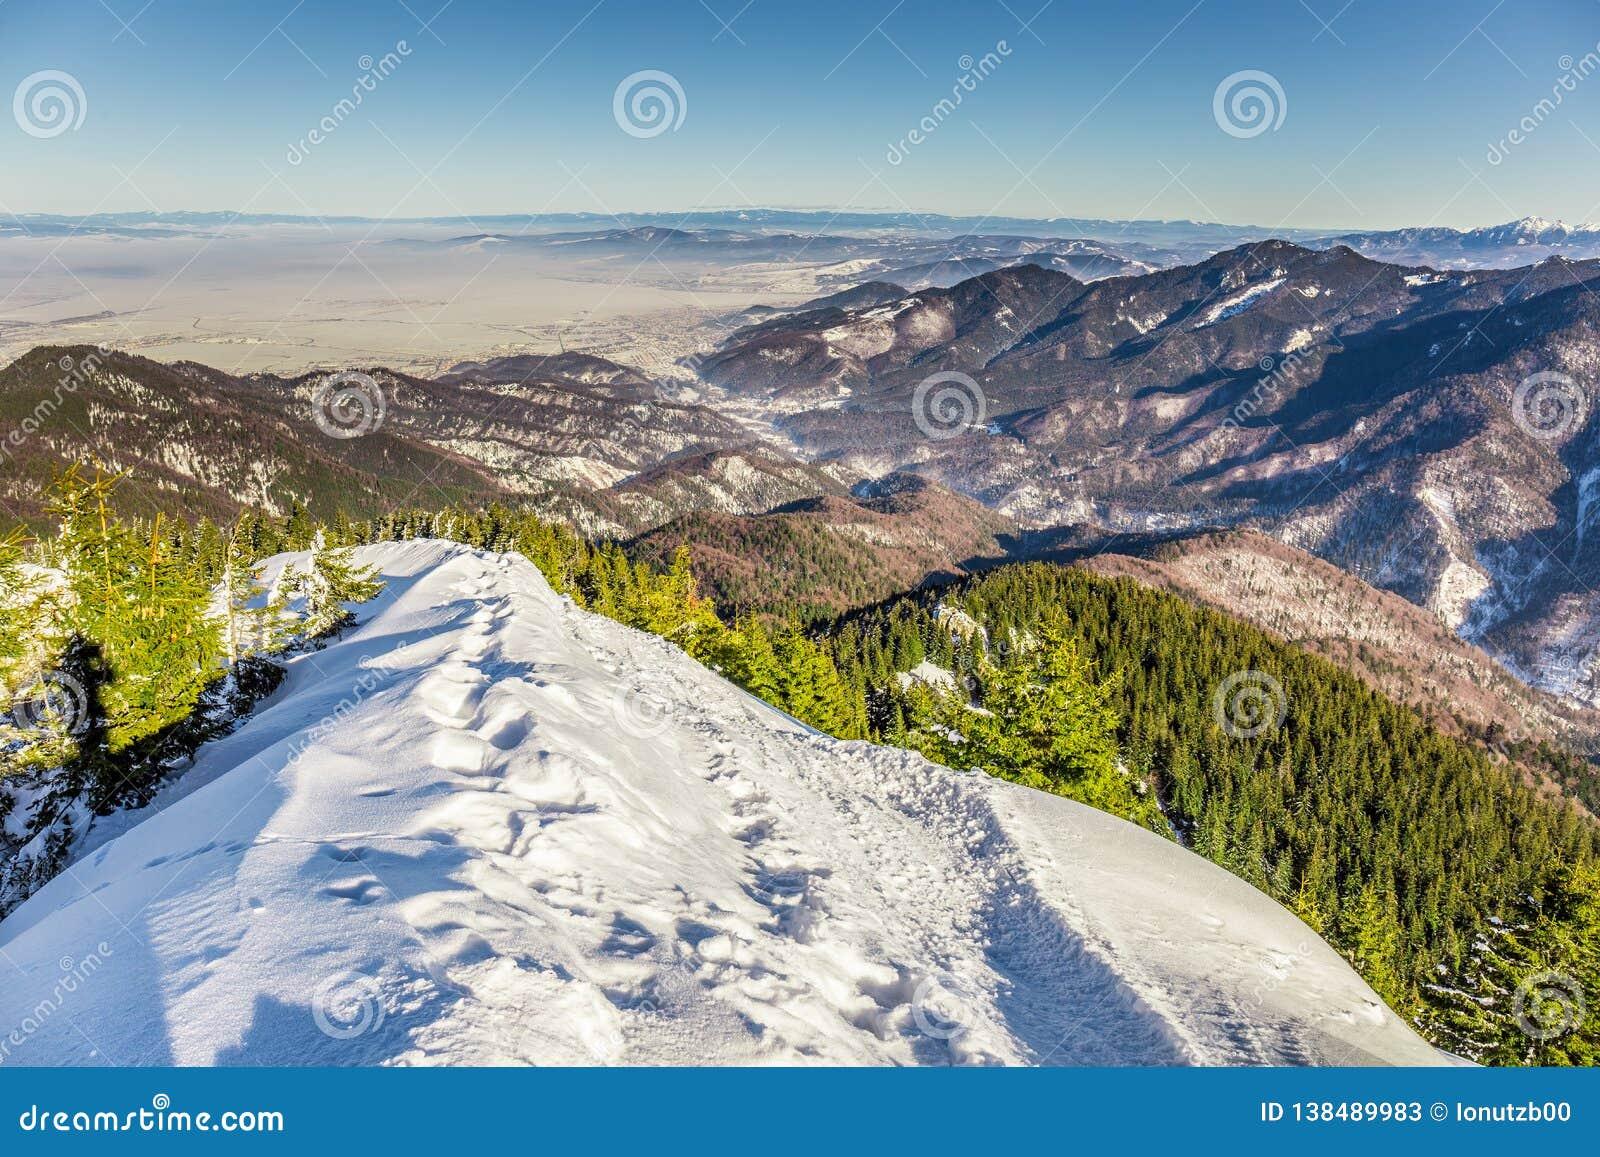 Skifahrenerholungsort bei Postavarul, Brasov, Siebenbürgen, Rumänien